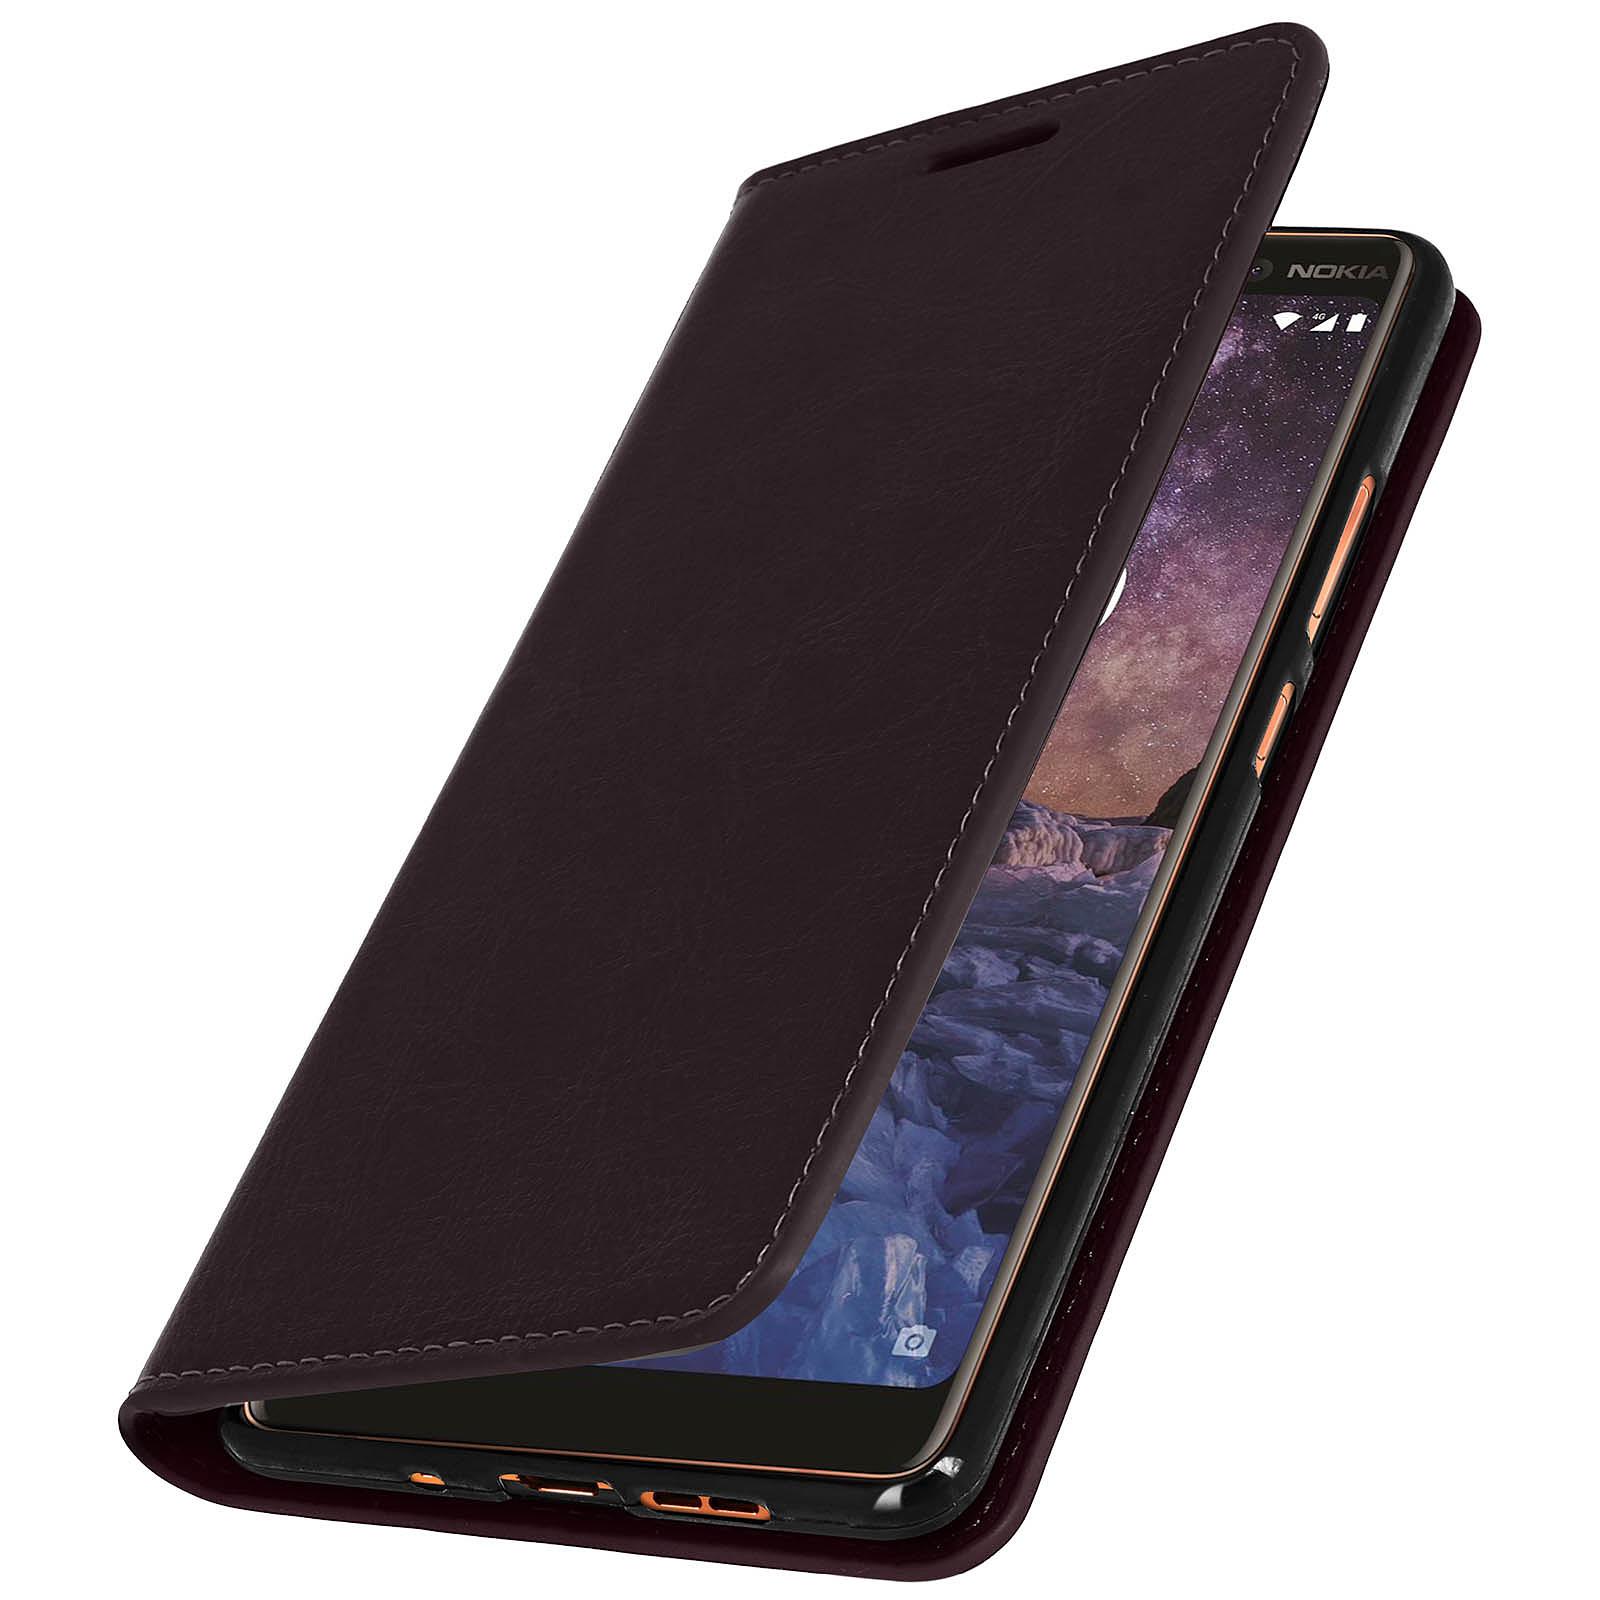 Avizar Etui folio Marron pour Nokia 7 plus